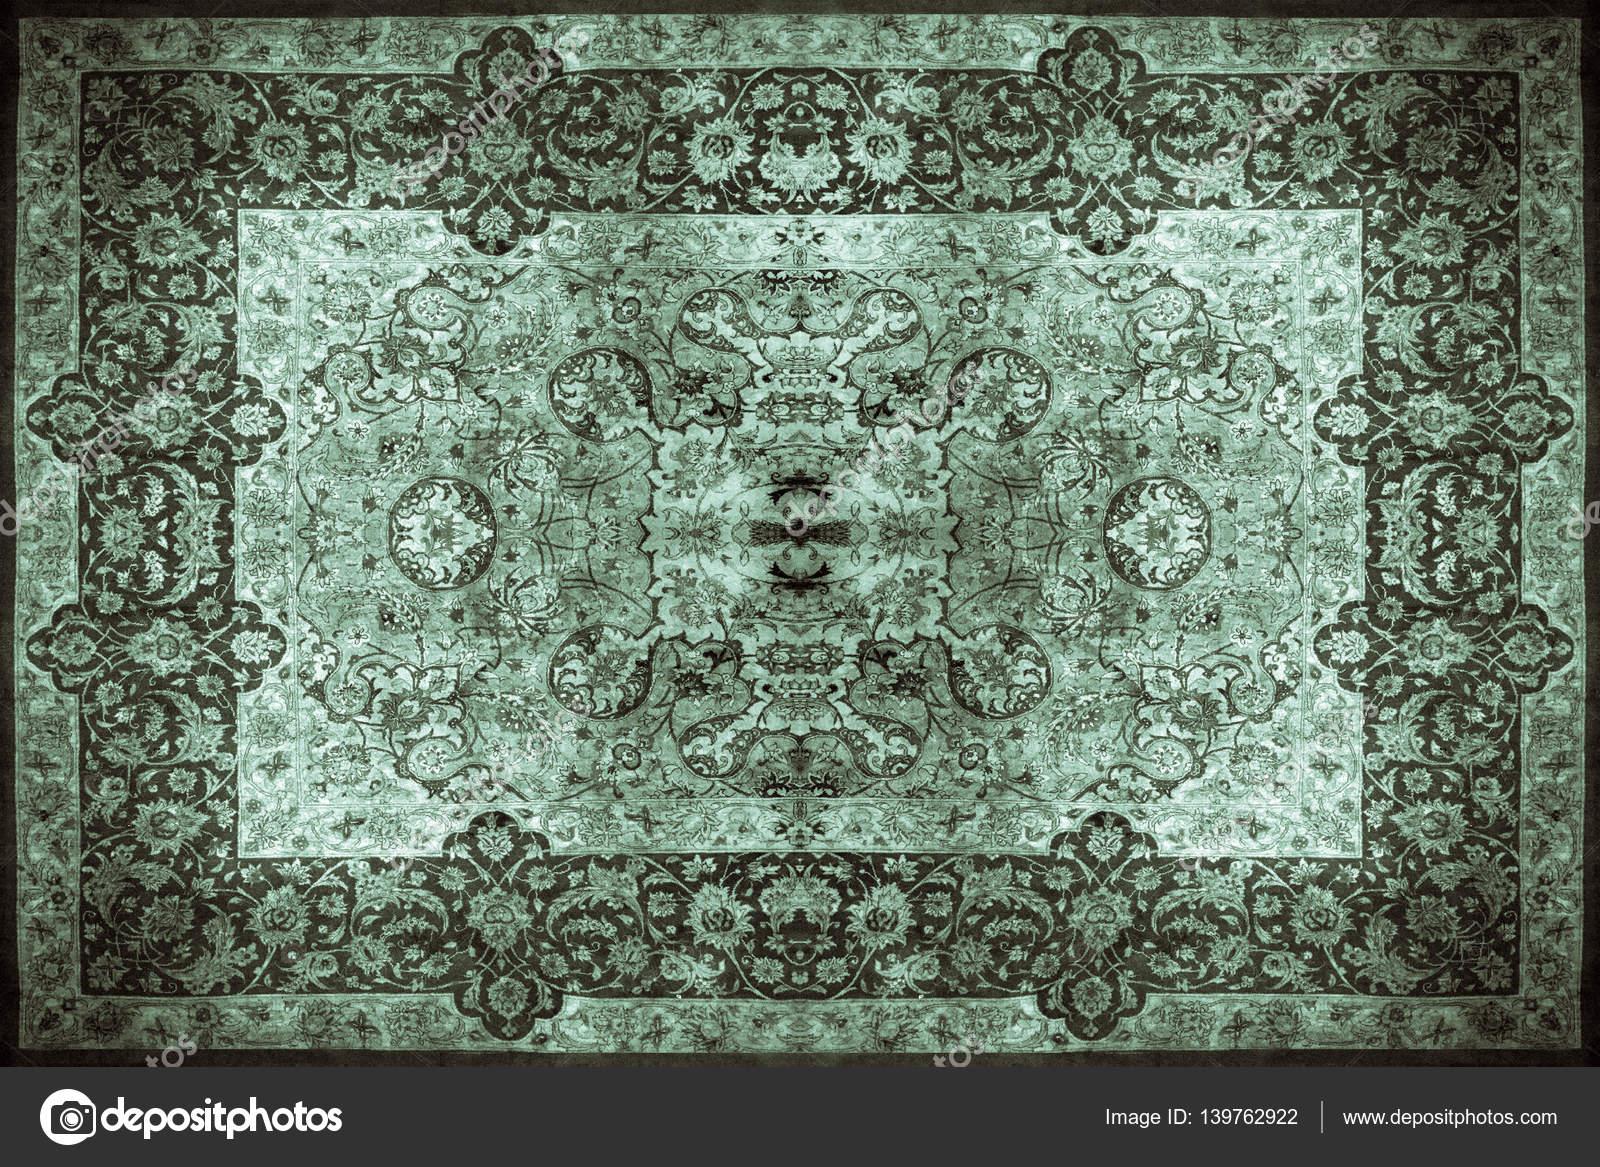 Perzisch Tapijt Blauw : Perzisch tapijt textuur abstract ornament. ronde mandala patroon